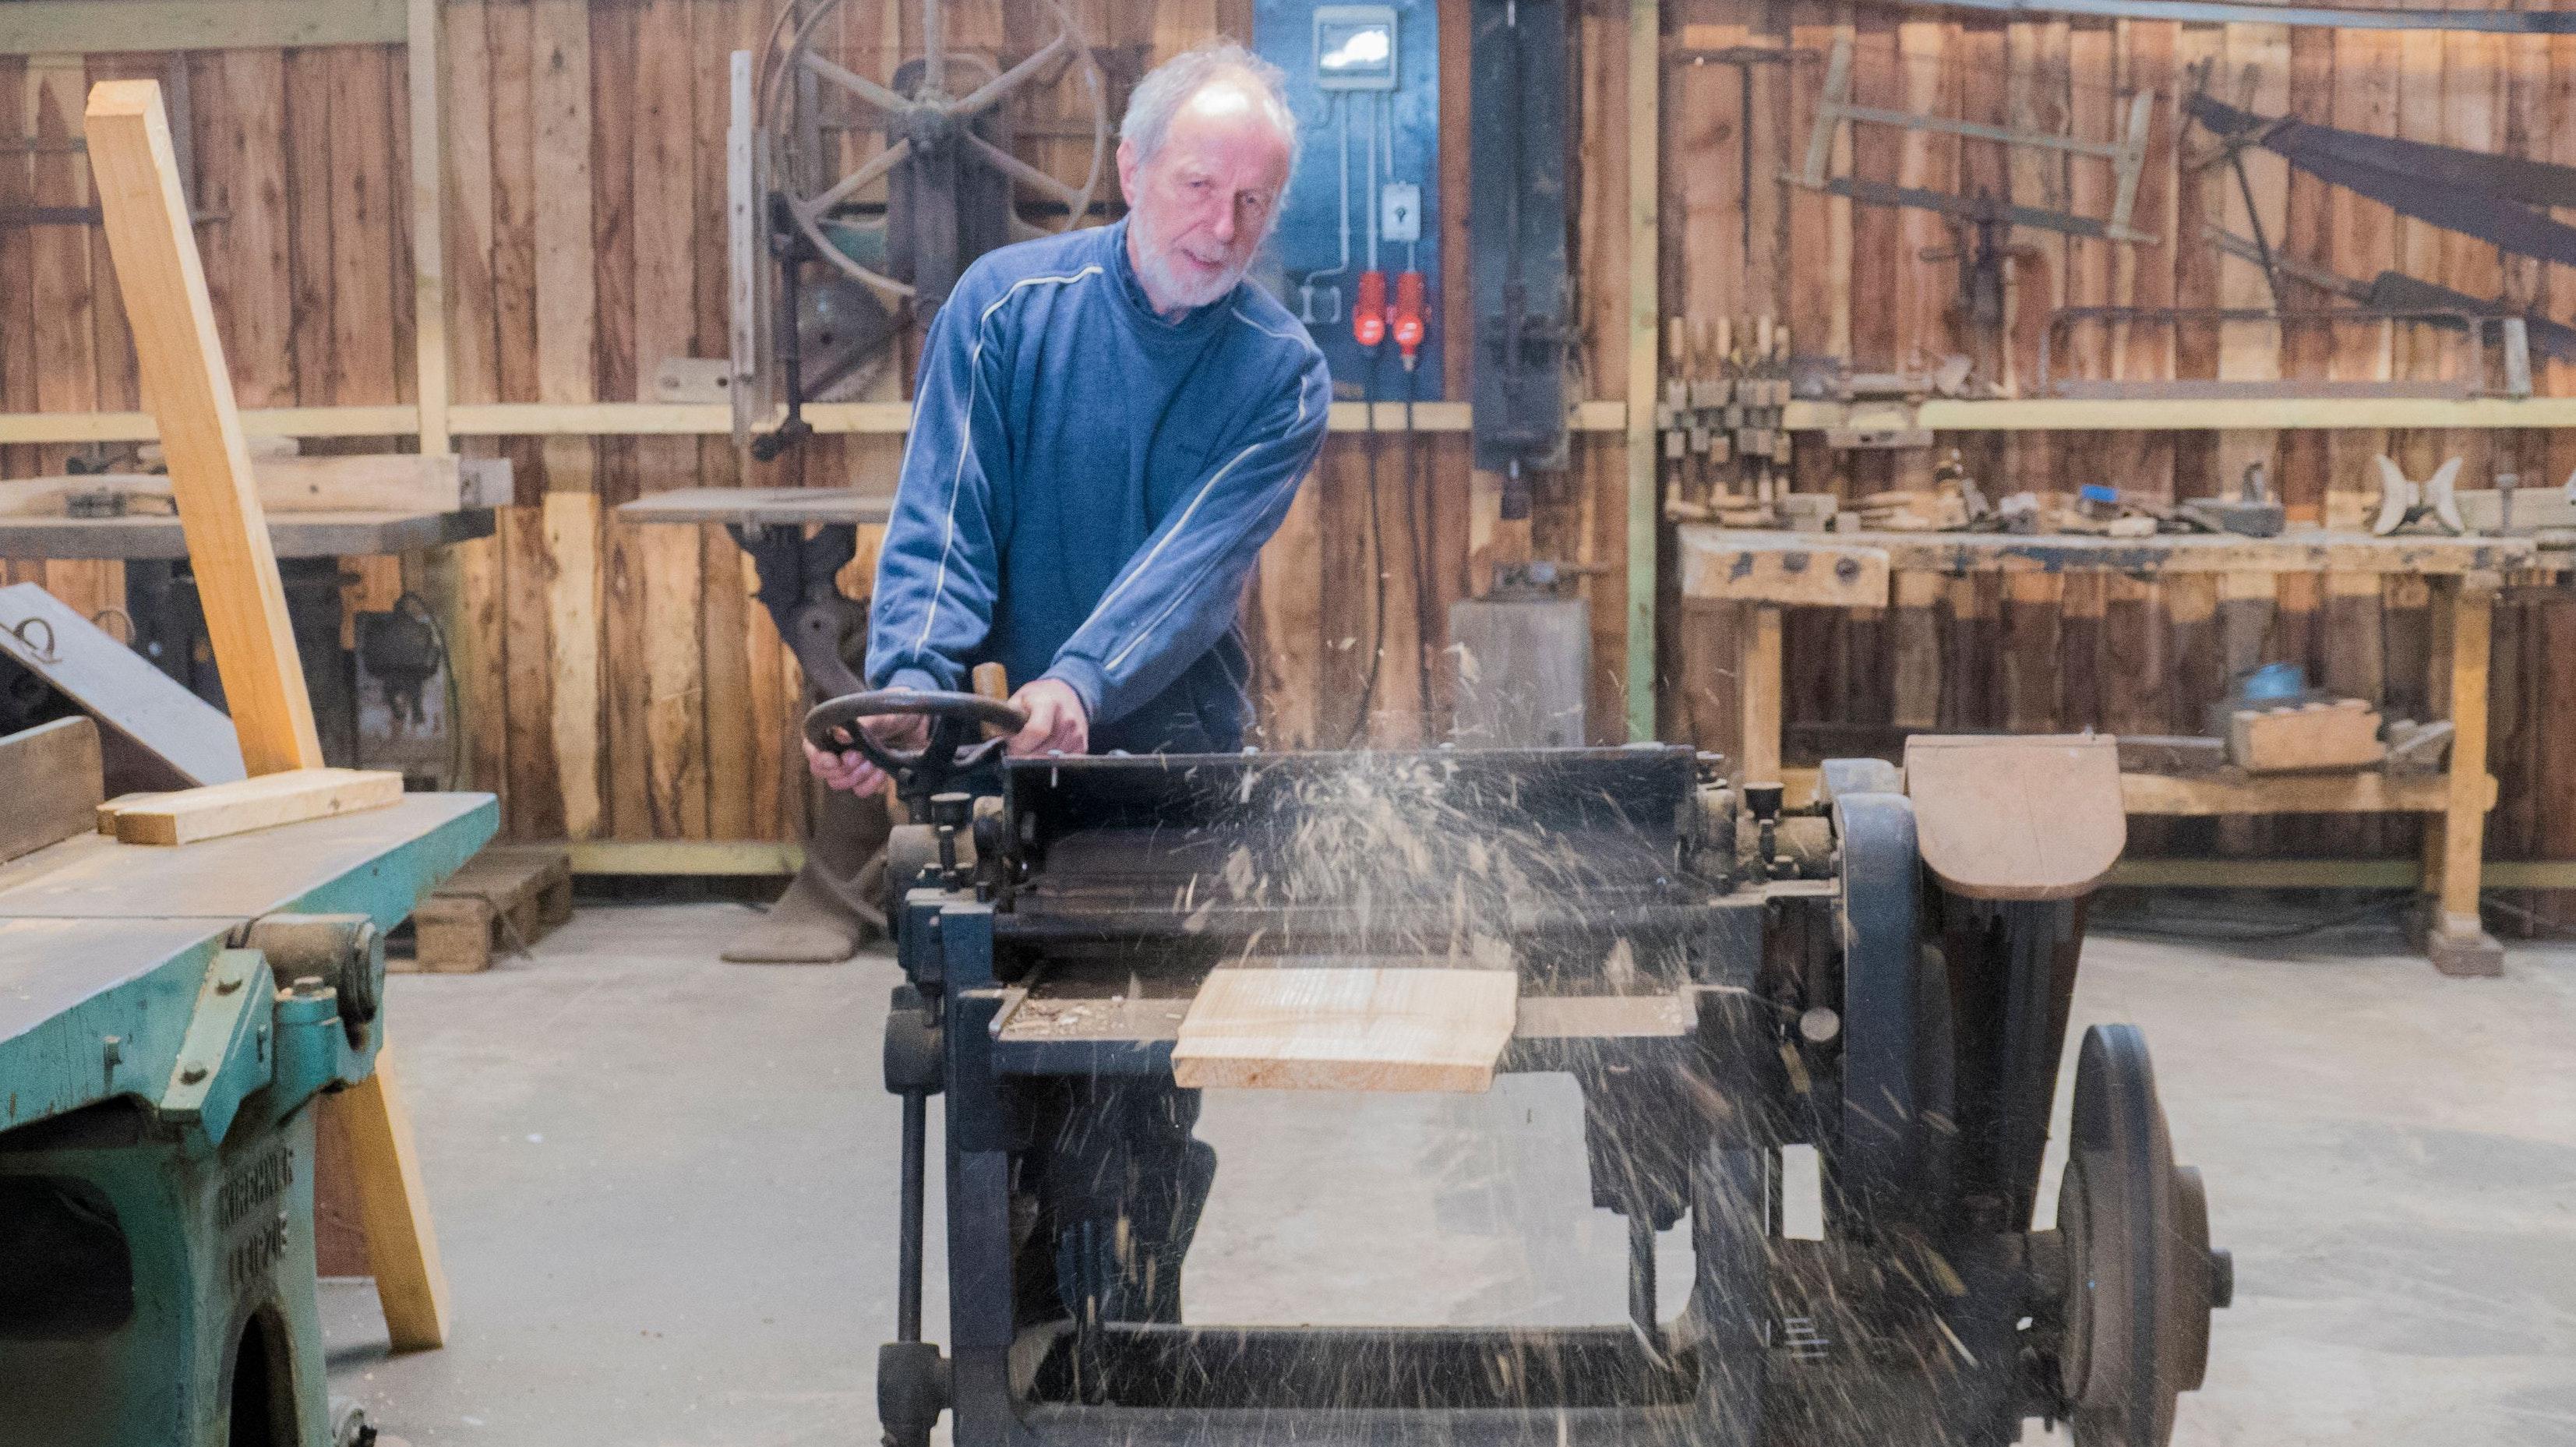 Funktioniert: Hans Meyer testet die Funktionstüchtigkeit des rund 100 Jahre alten Dickenhobels, der zu den neuesten Ausstellungsstücken im Gelenberger Sägereimuseum gehört. Foto: Stix